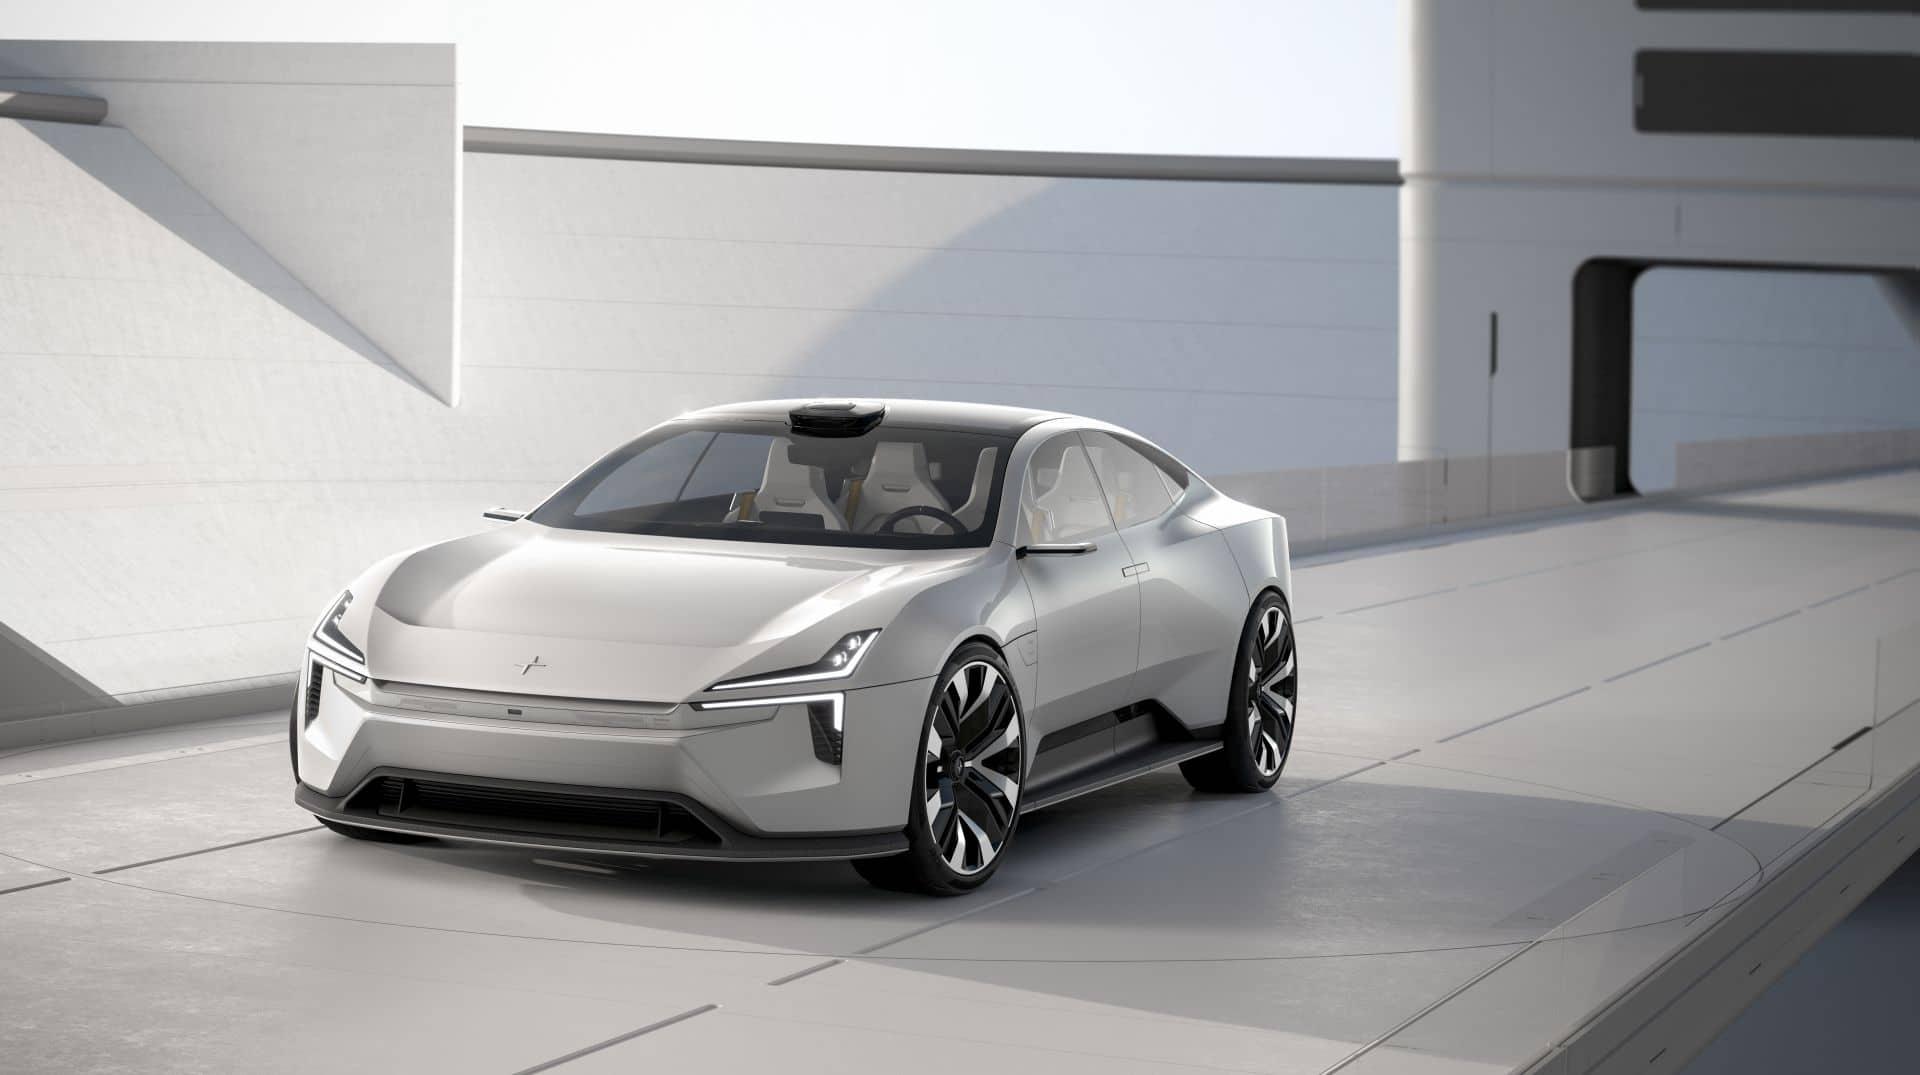 Polestar Precept offenbart die Vision zukünftiger Fahrzeuge